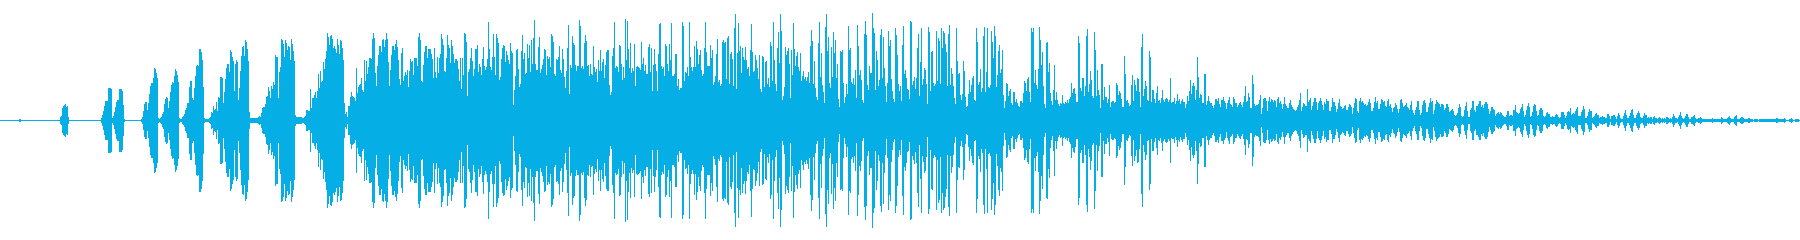 ファミコン風_ 魔法音1の再生済みの波形